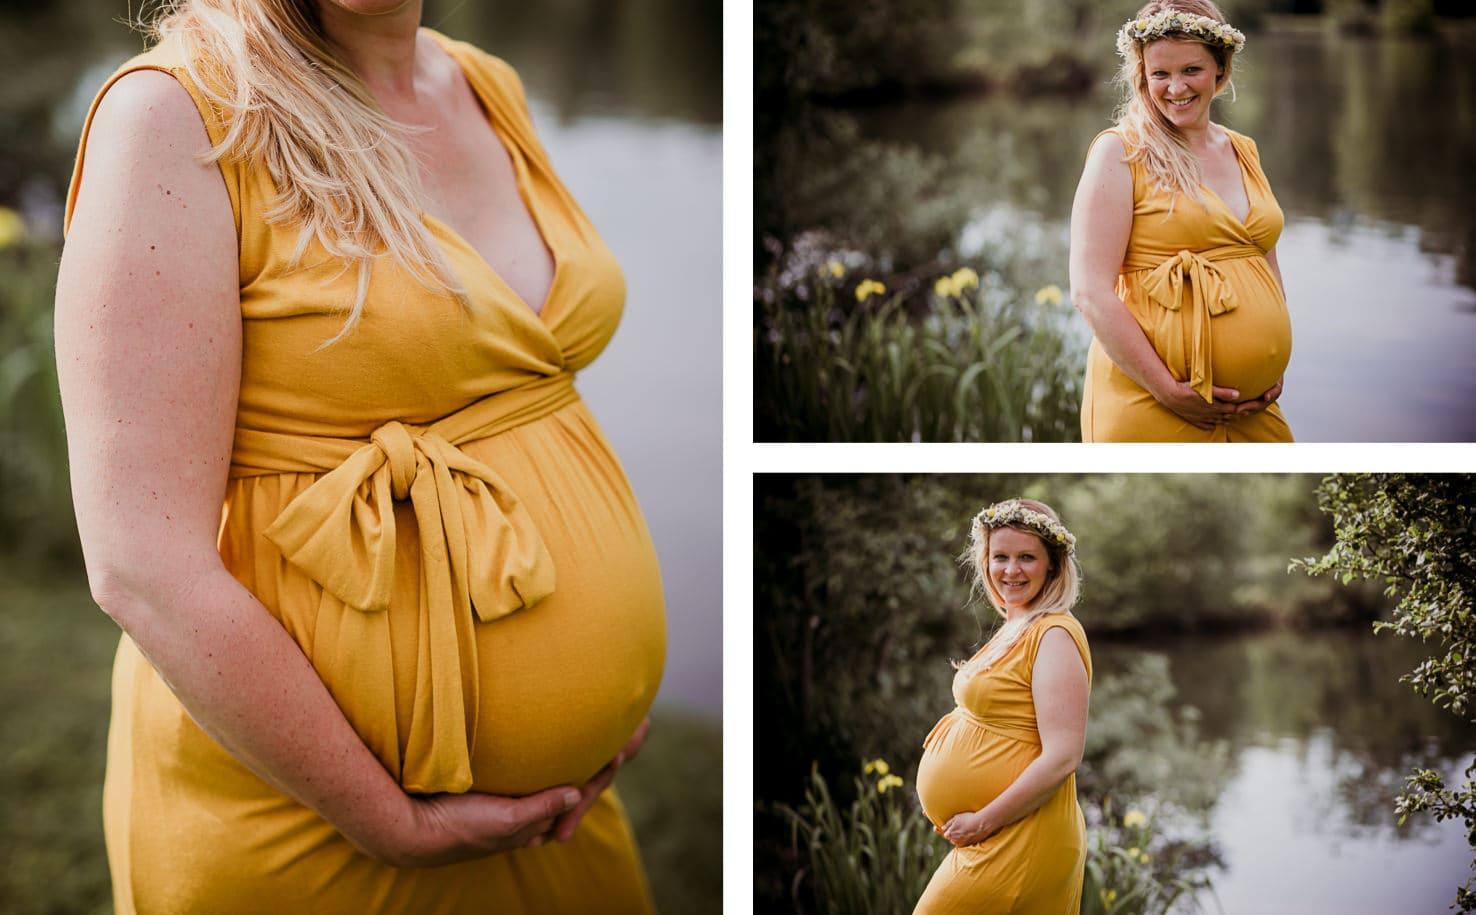 Schwangerschaftsoutfits für dein Babybauchshooting - Knielanges Kleid in Gelb - Mica Zeitz Fotografie, München, Pfaffenhofen, Regensburg, Ingolstadt